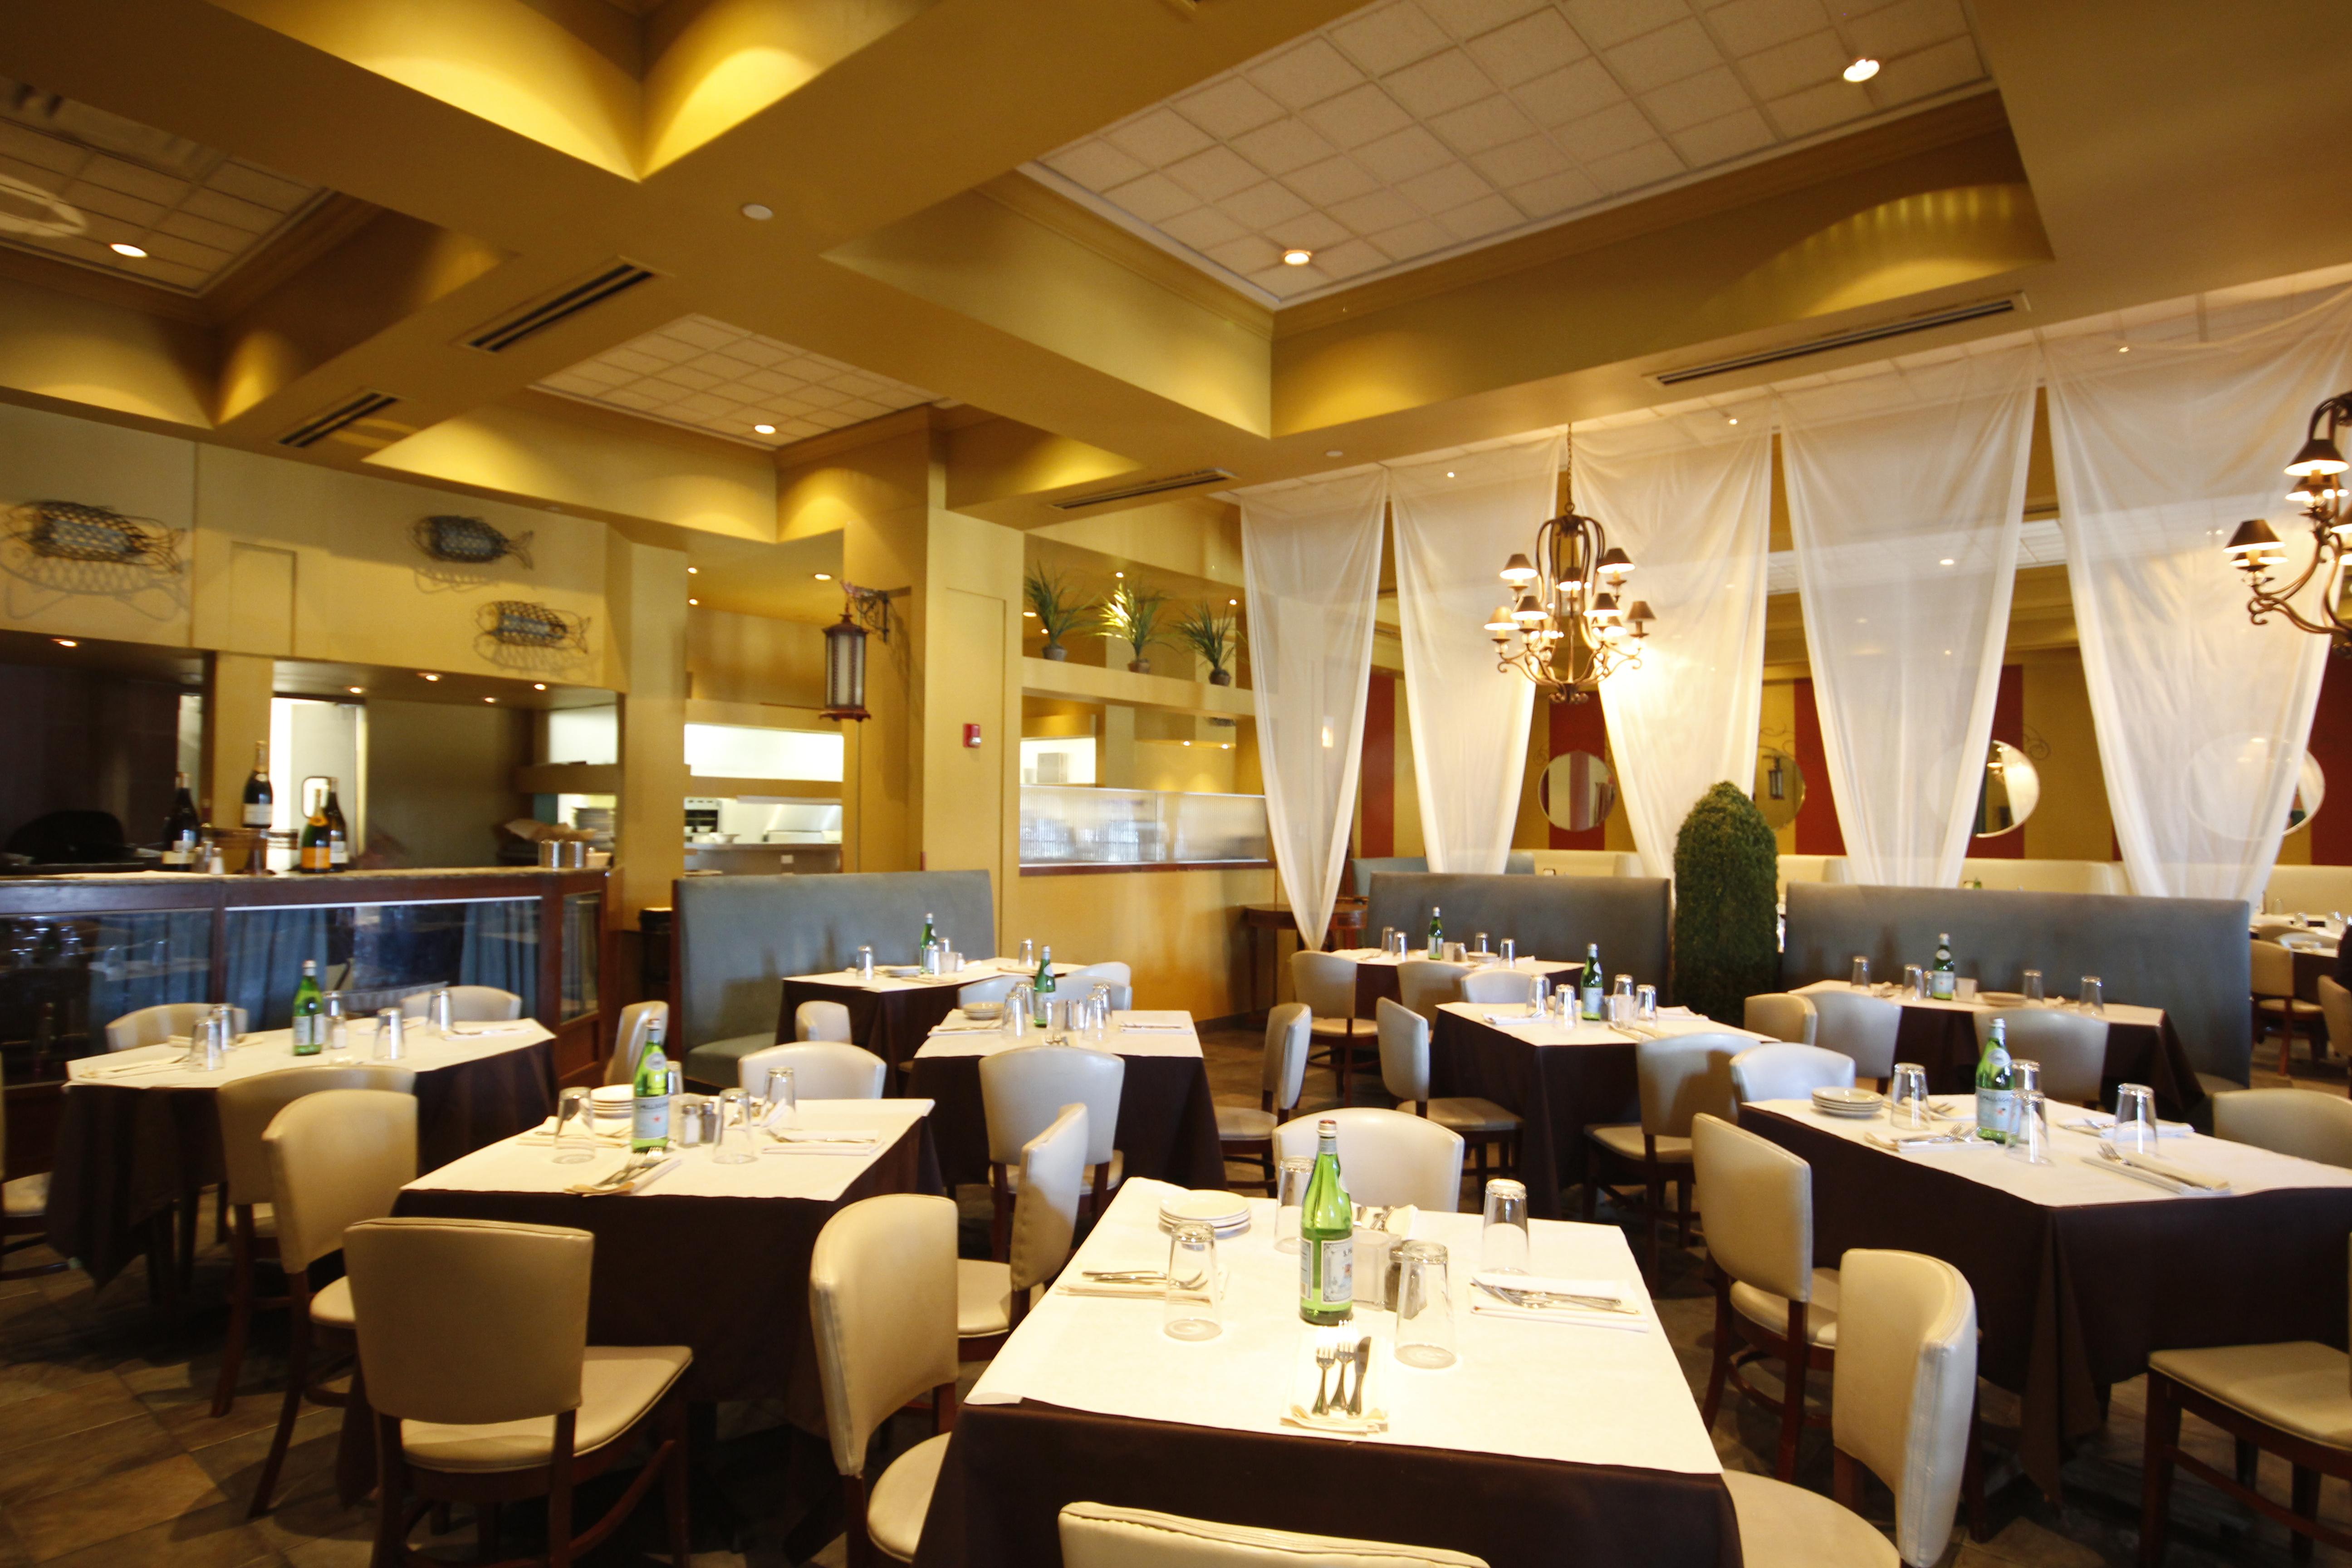 Restaurant | Cucina Biagio